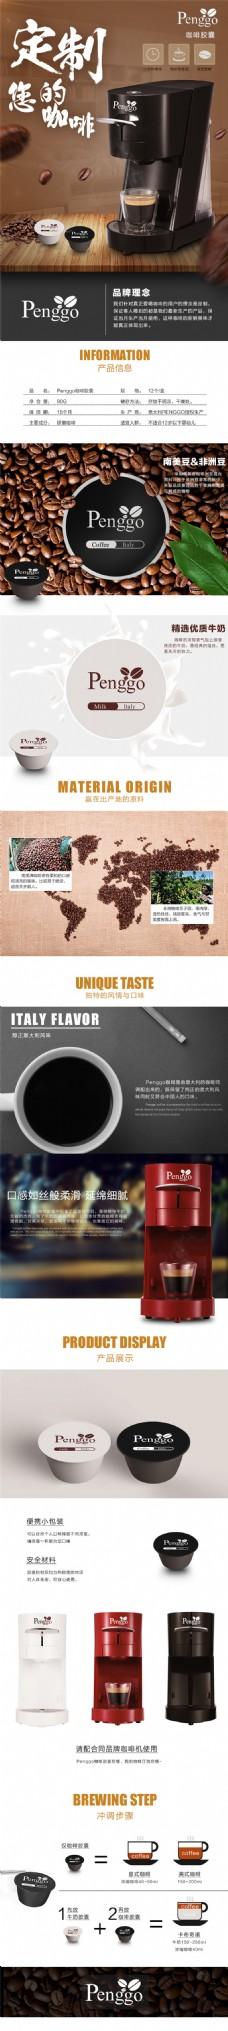 电商淘宝咖啡饮料美食食品详情页宝贝描述